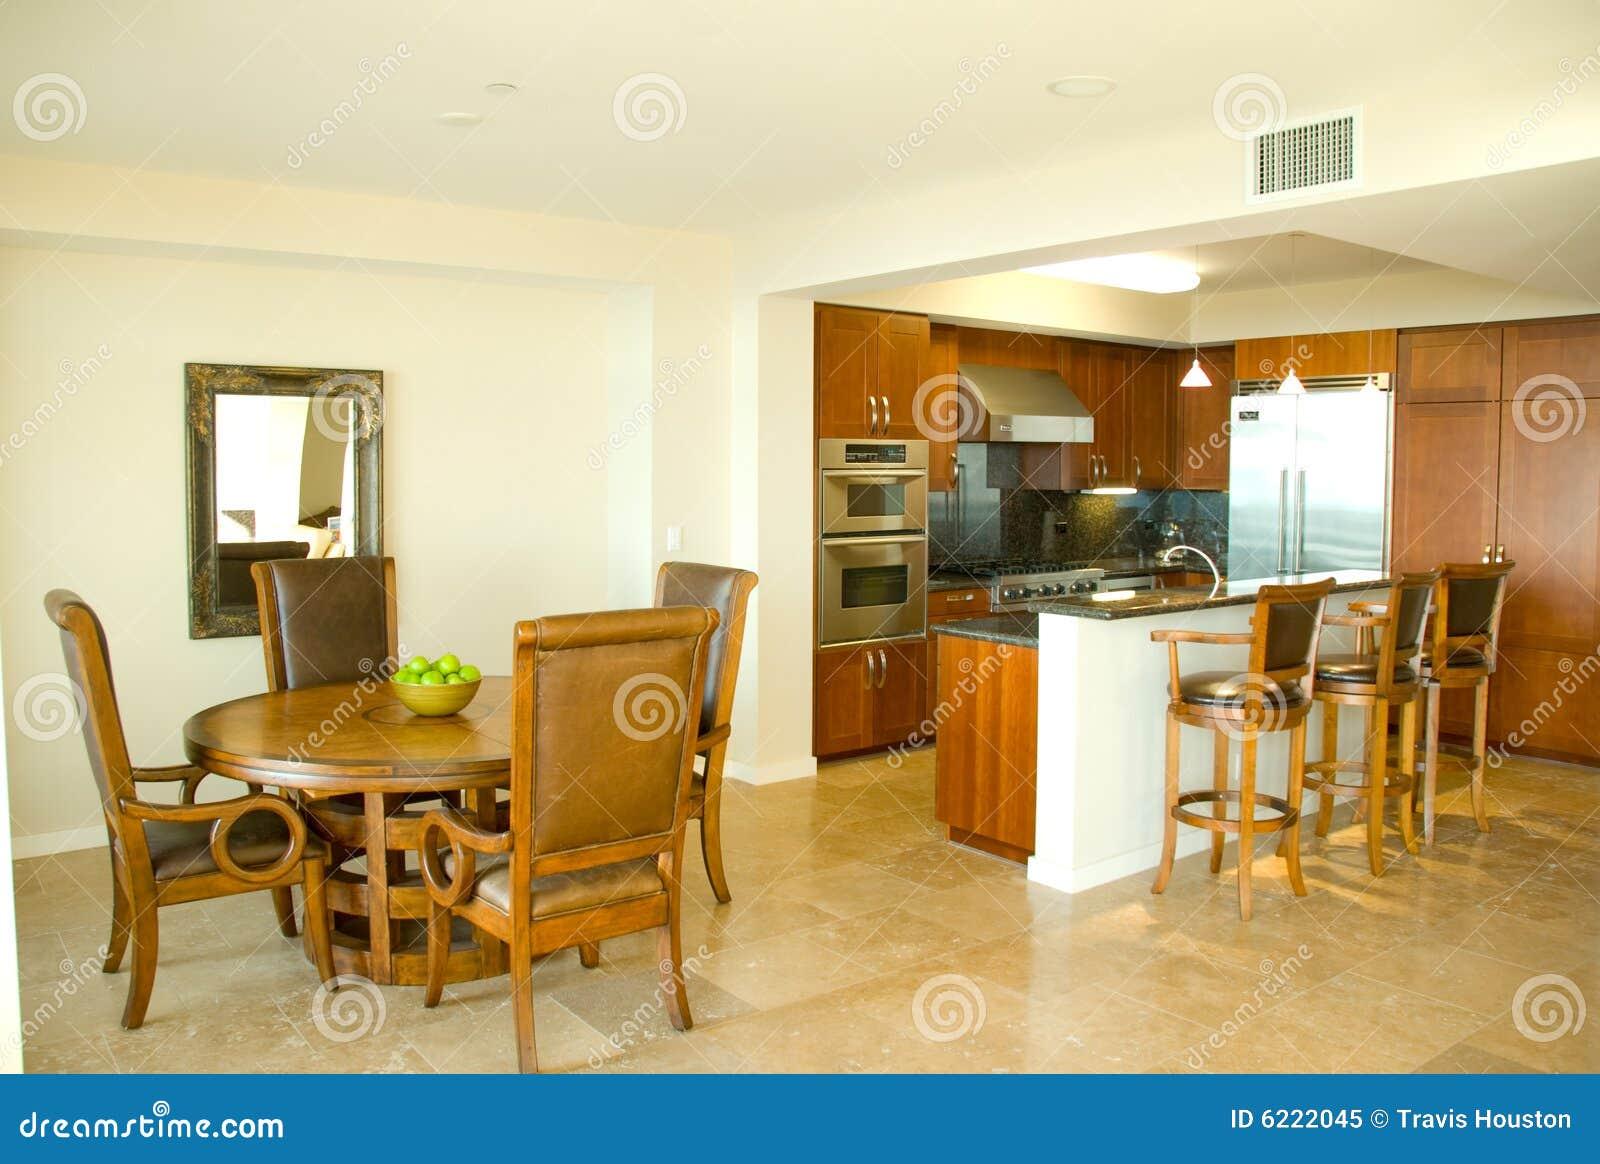 Foto de Stock Royalty Free: Cozinha e sala de jantar do desenhador do  #76430B 1300 962